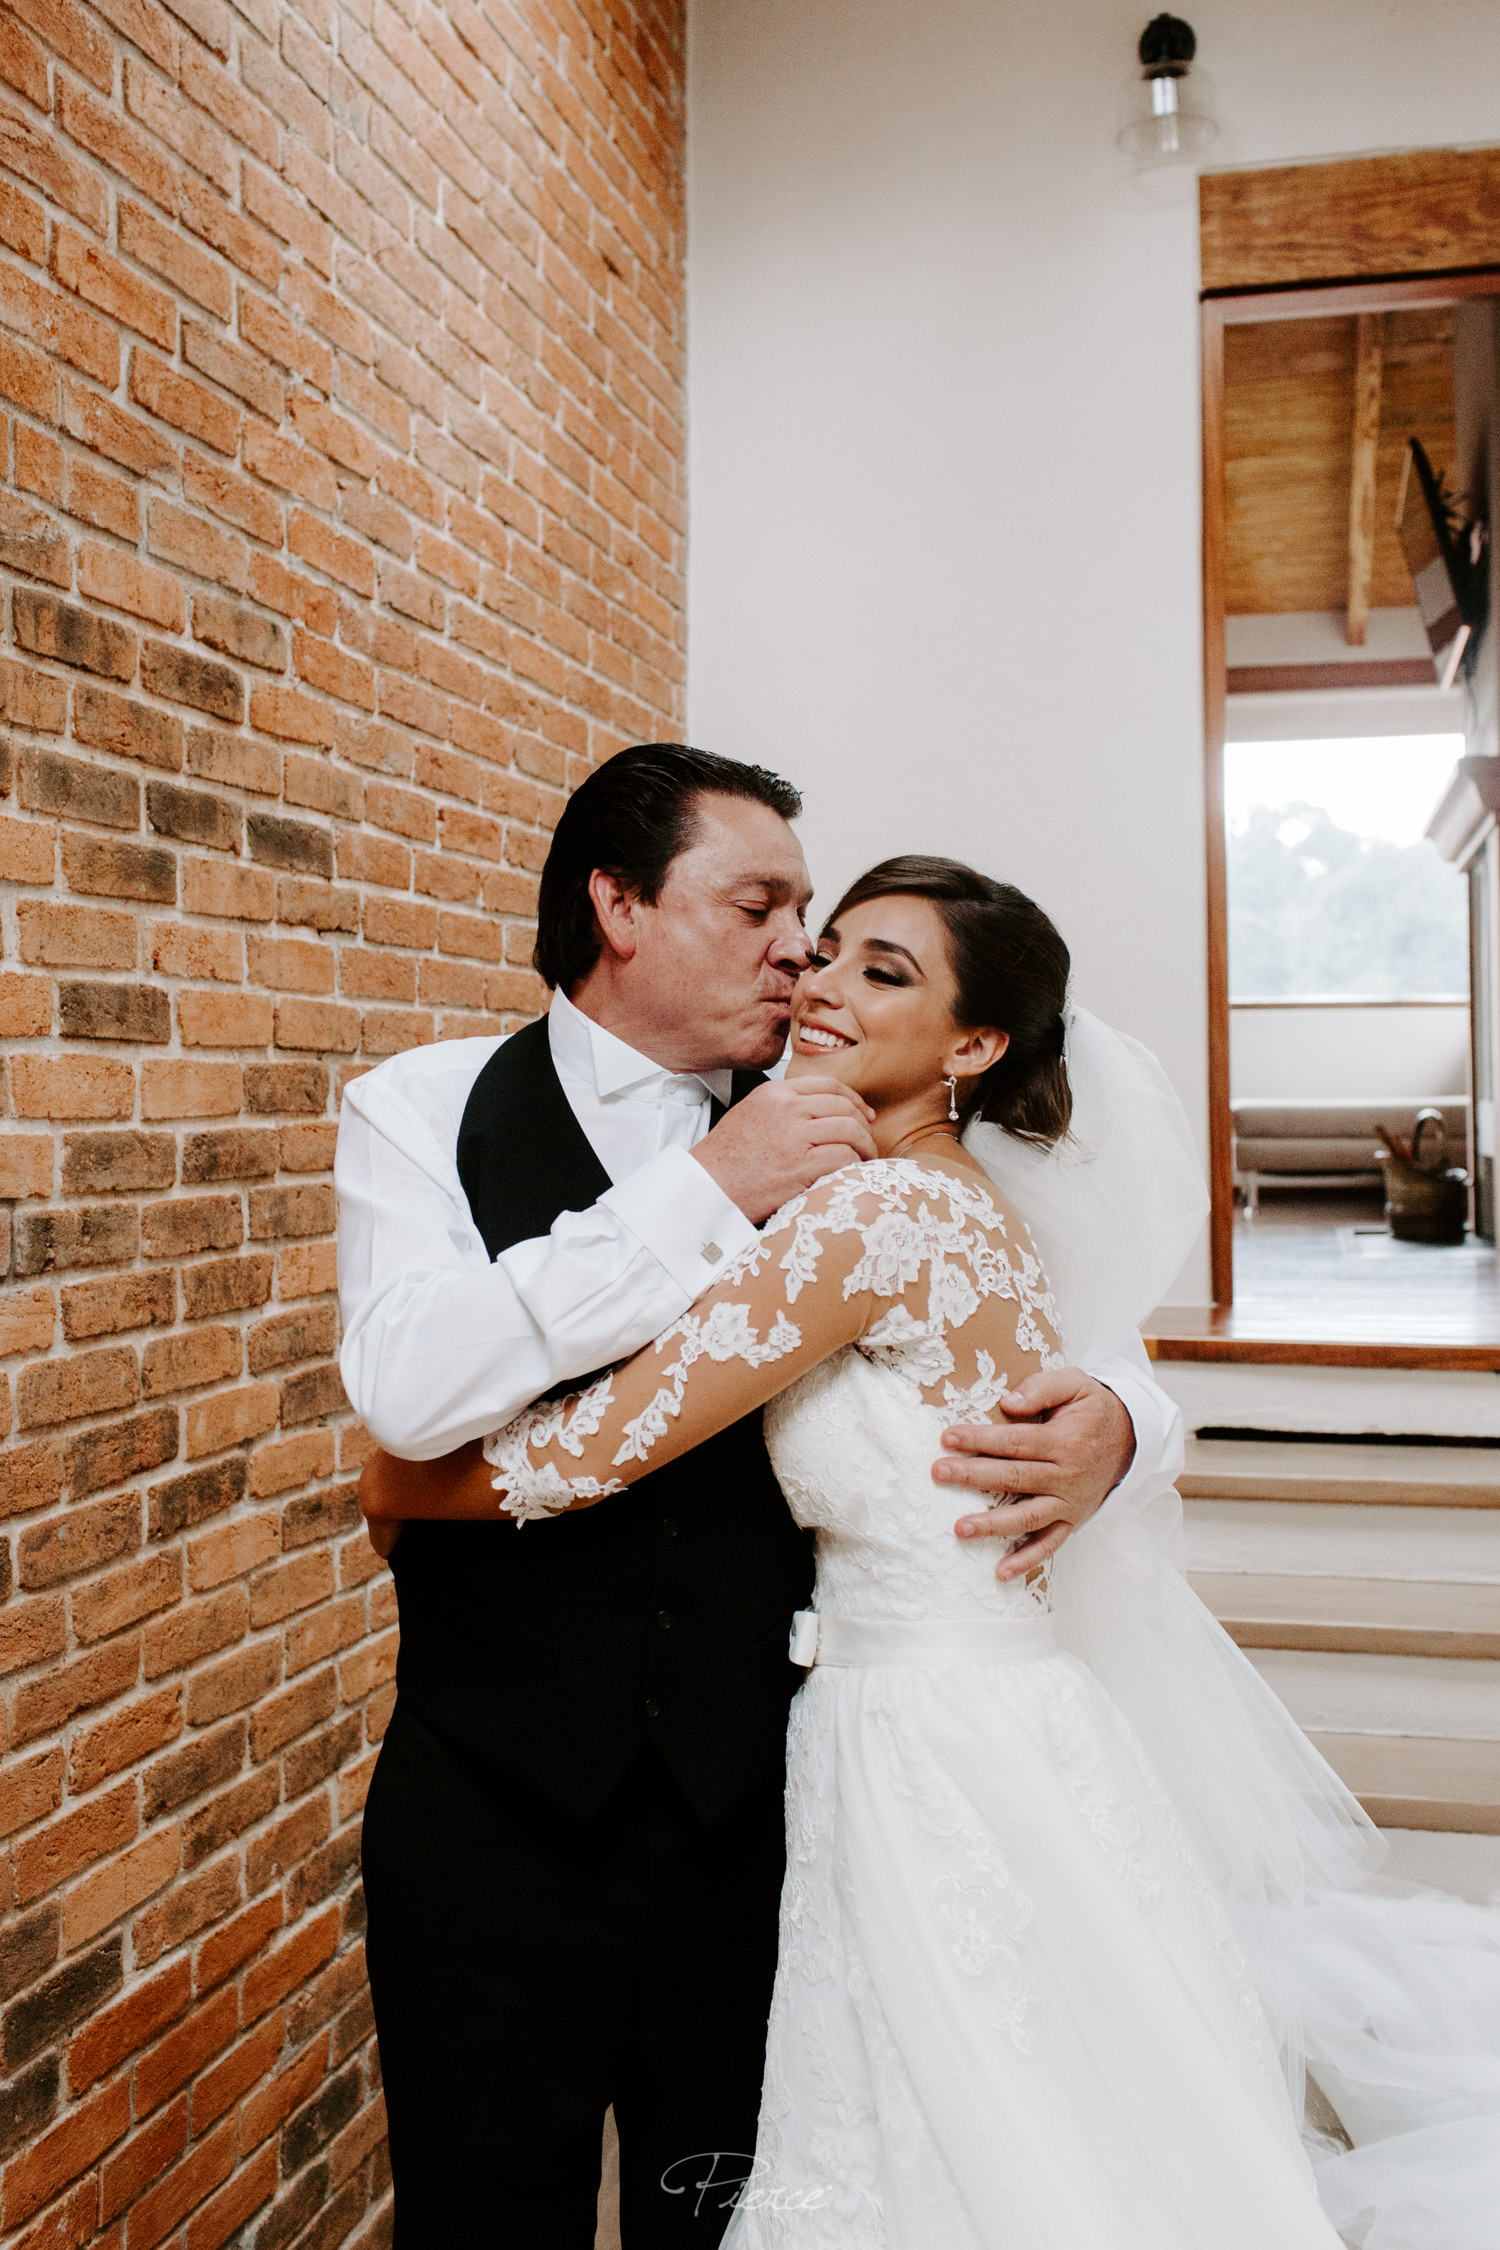 fotografia-de-boda-valle-de-bravo-mexico-rosmarino-pierce-weddings-0225.JPG